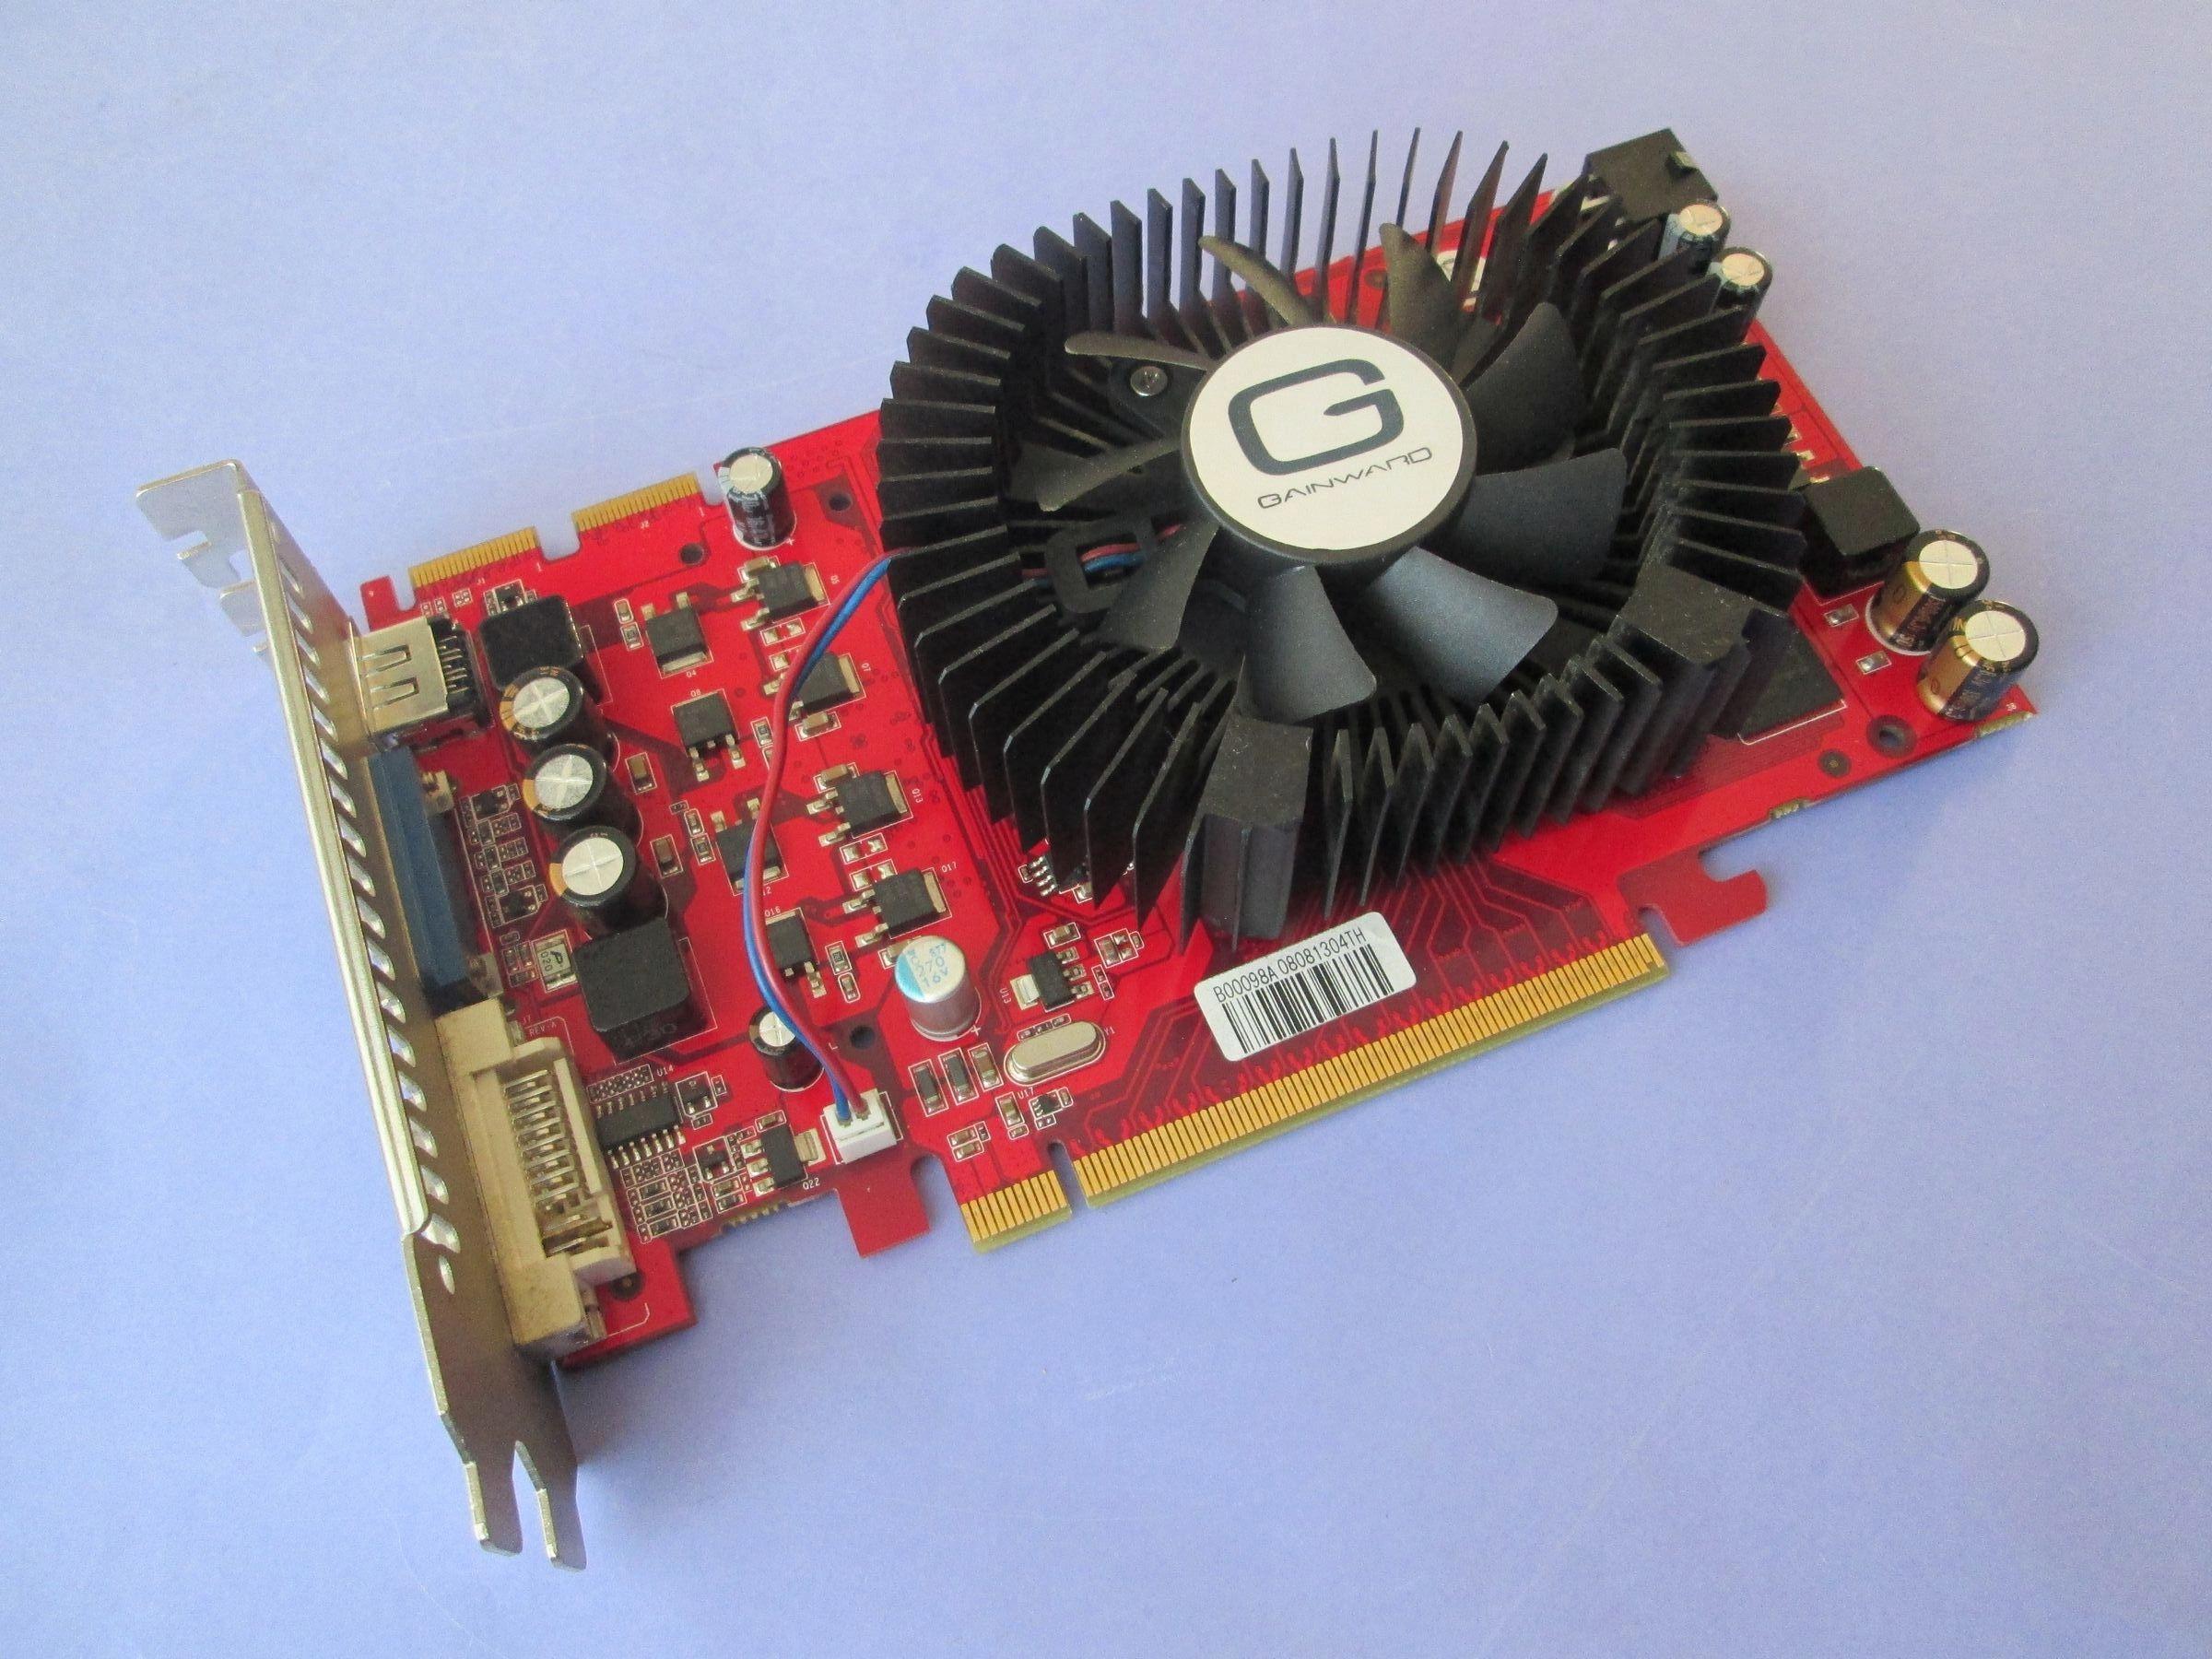 GAINWARD ATI RADEON HD 3850 DRIVER PC